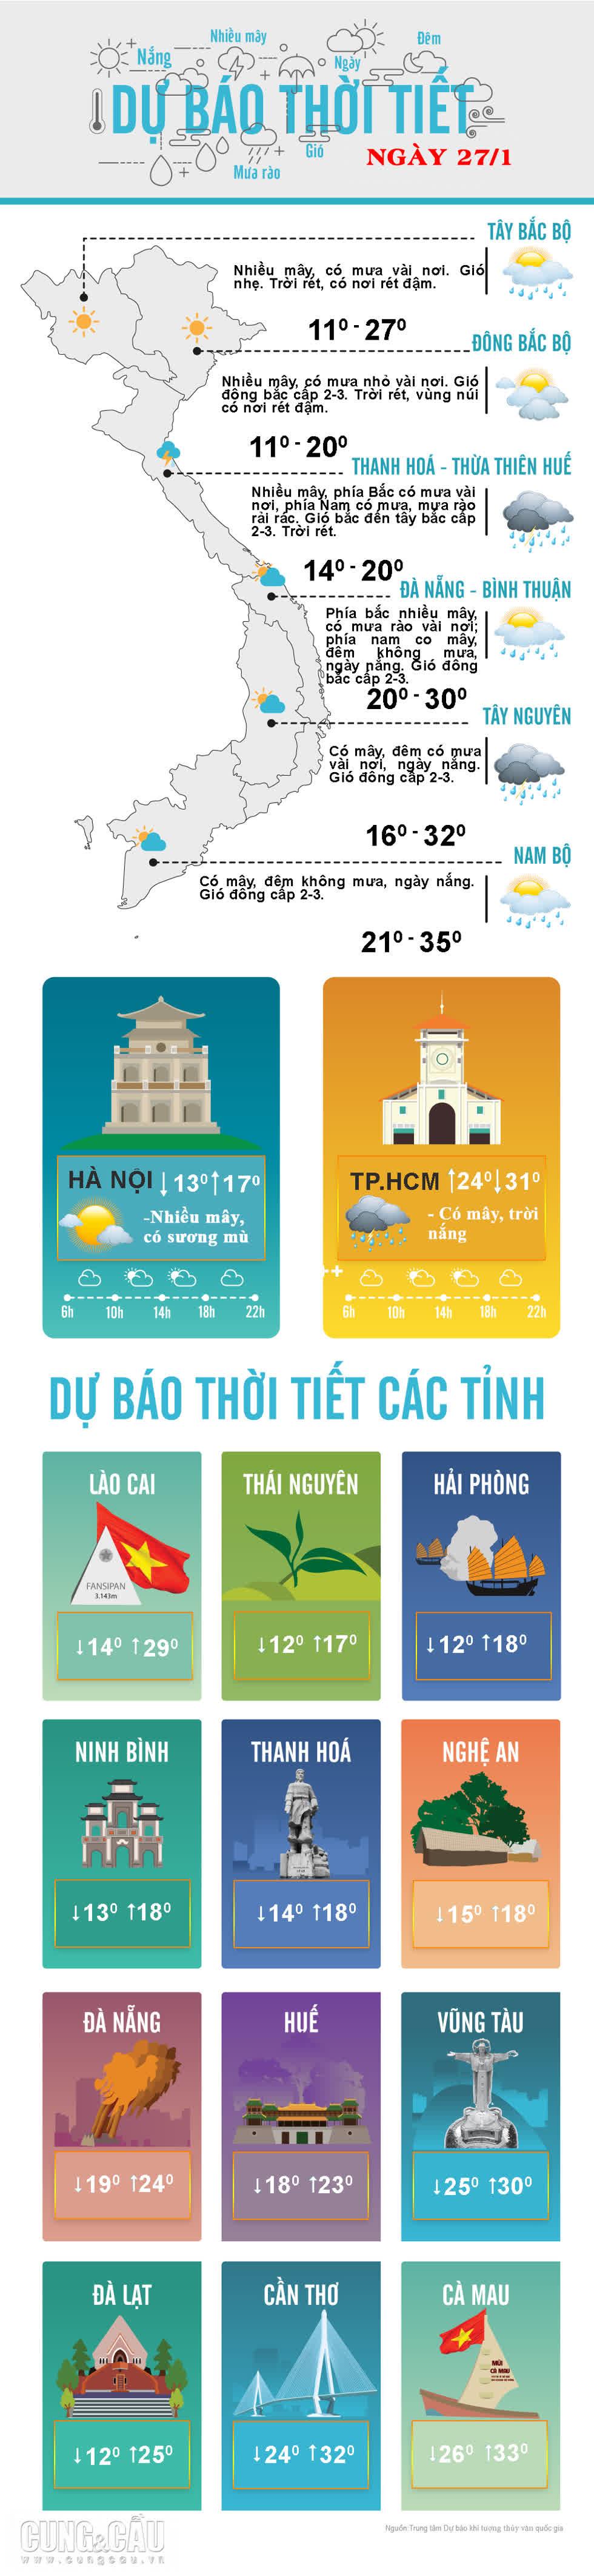 Thời tiết ngày mùng 3 Tết: Trung Bộ có mưa, mưa rào rải rác